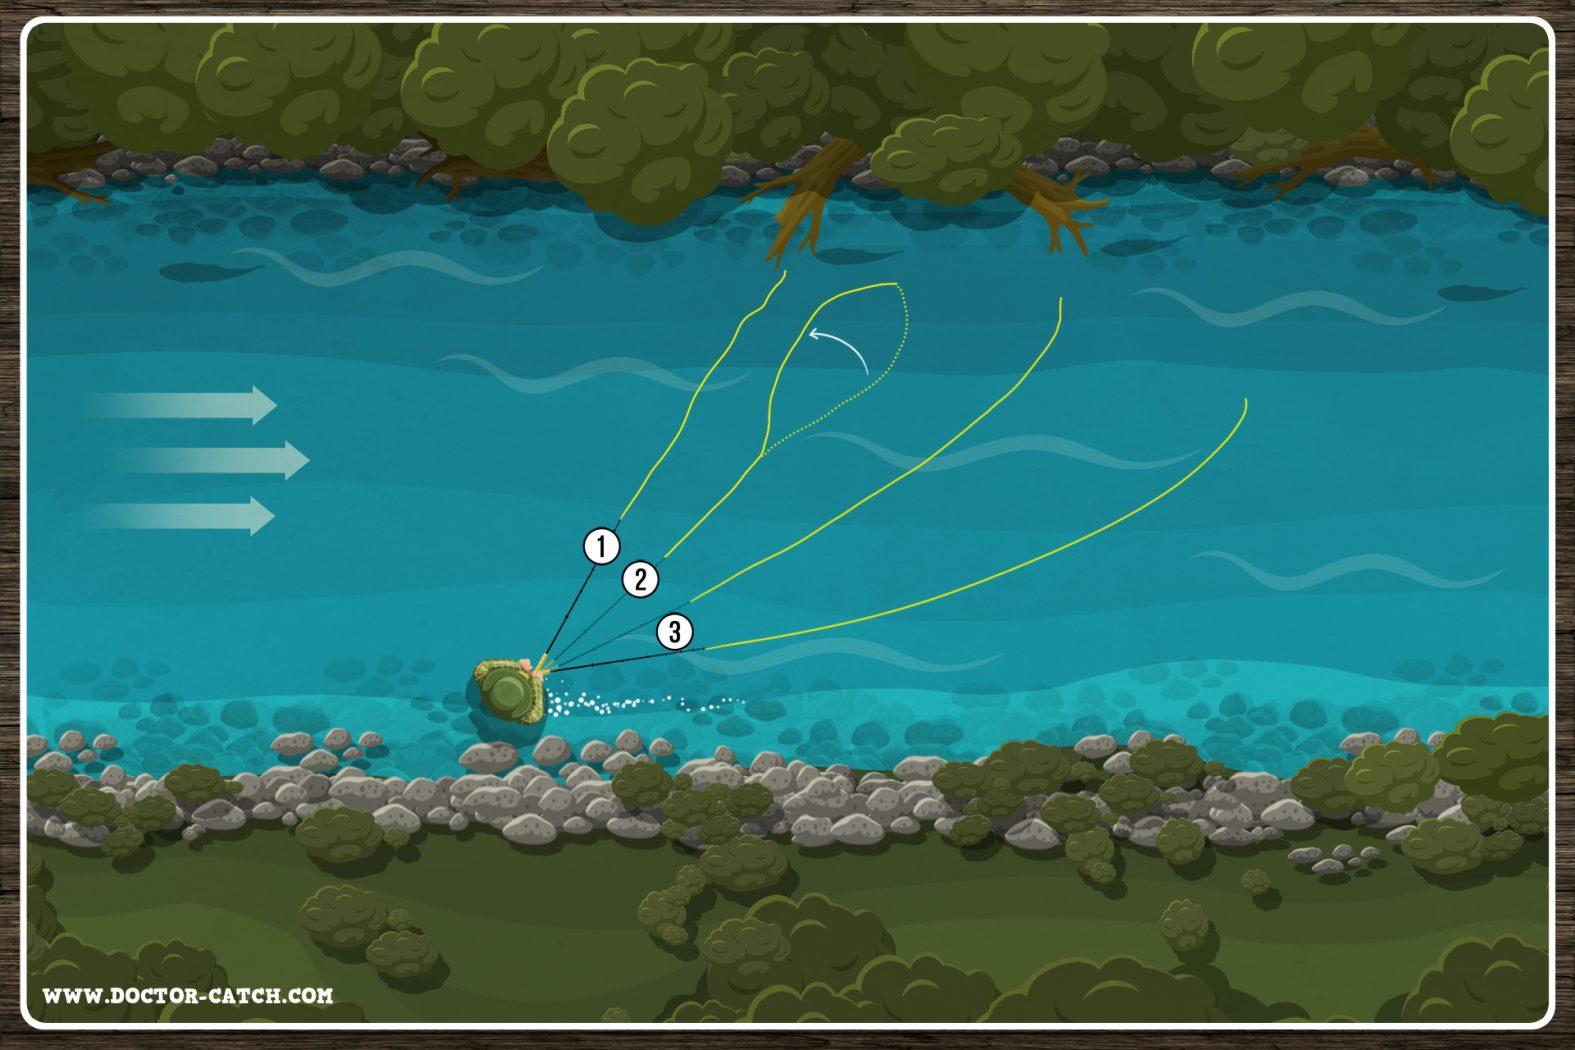 Technik für Fliegenfischen mit Streamer